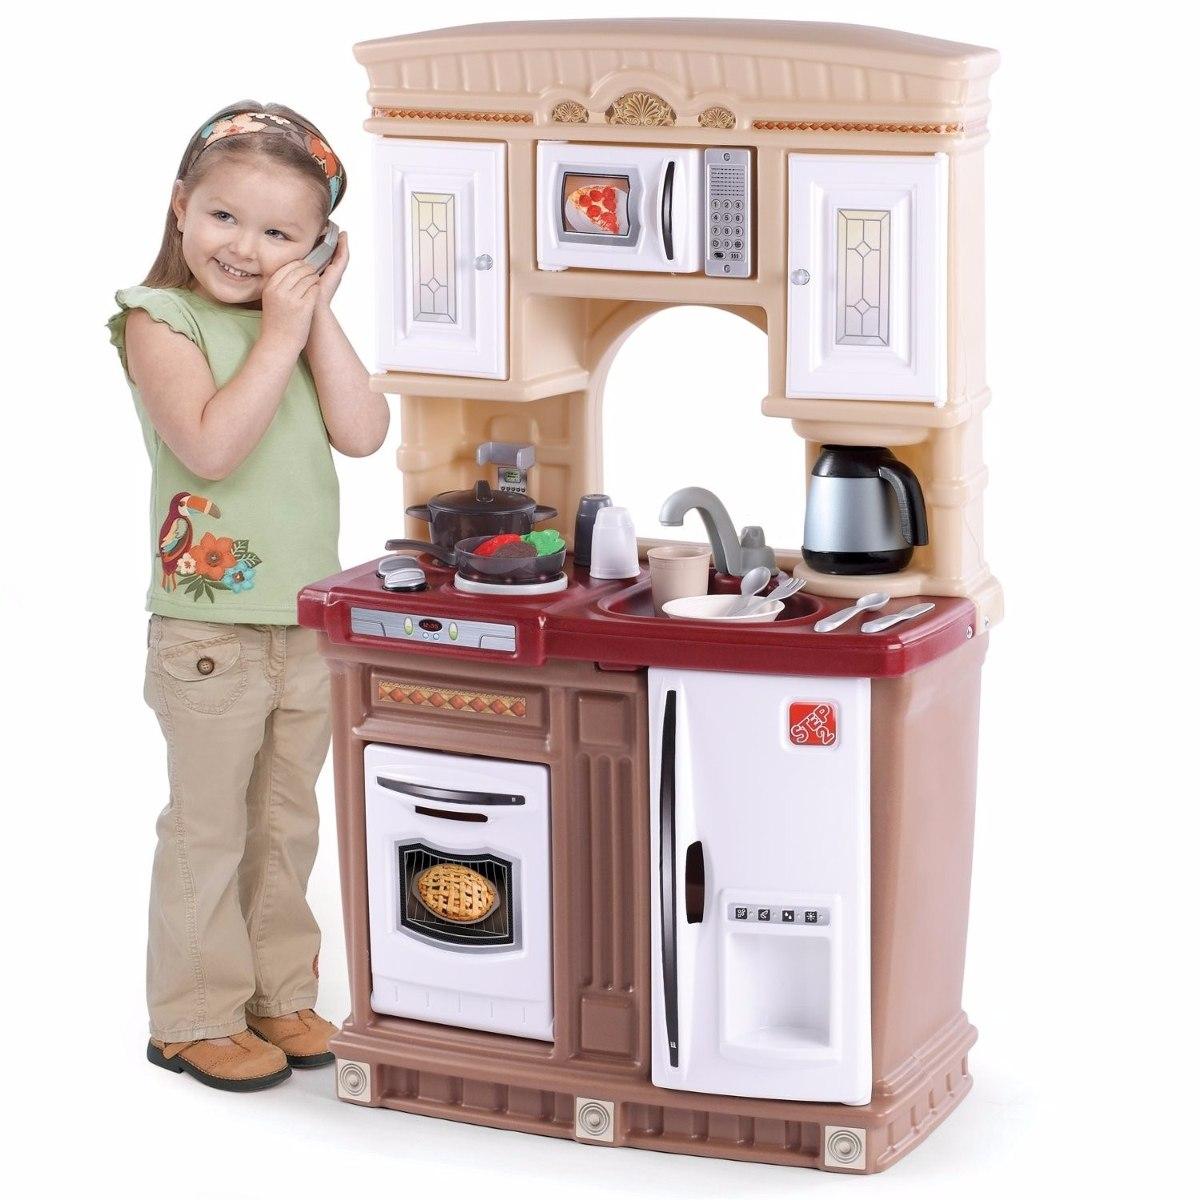 Cocinita step2 lifestyle fresh ni os juguete cocina hm0 - Cocina ninos juguete ...